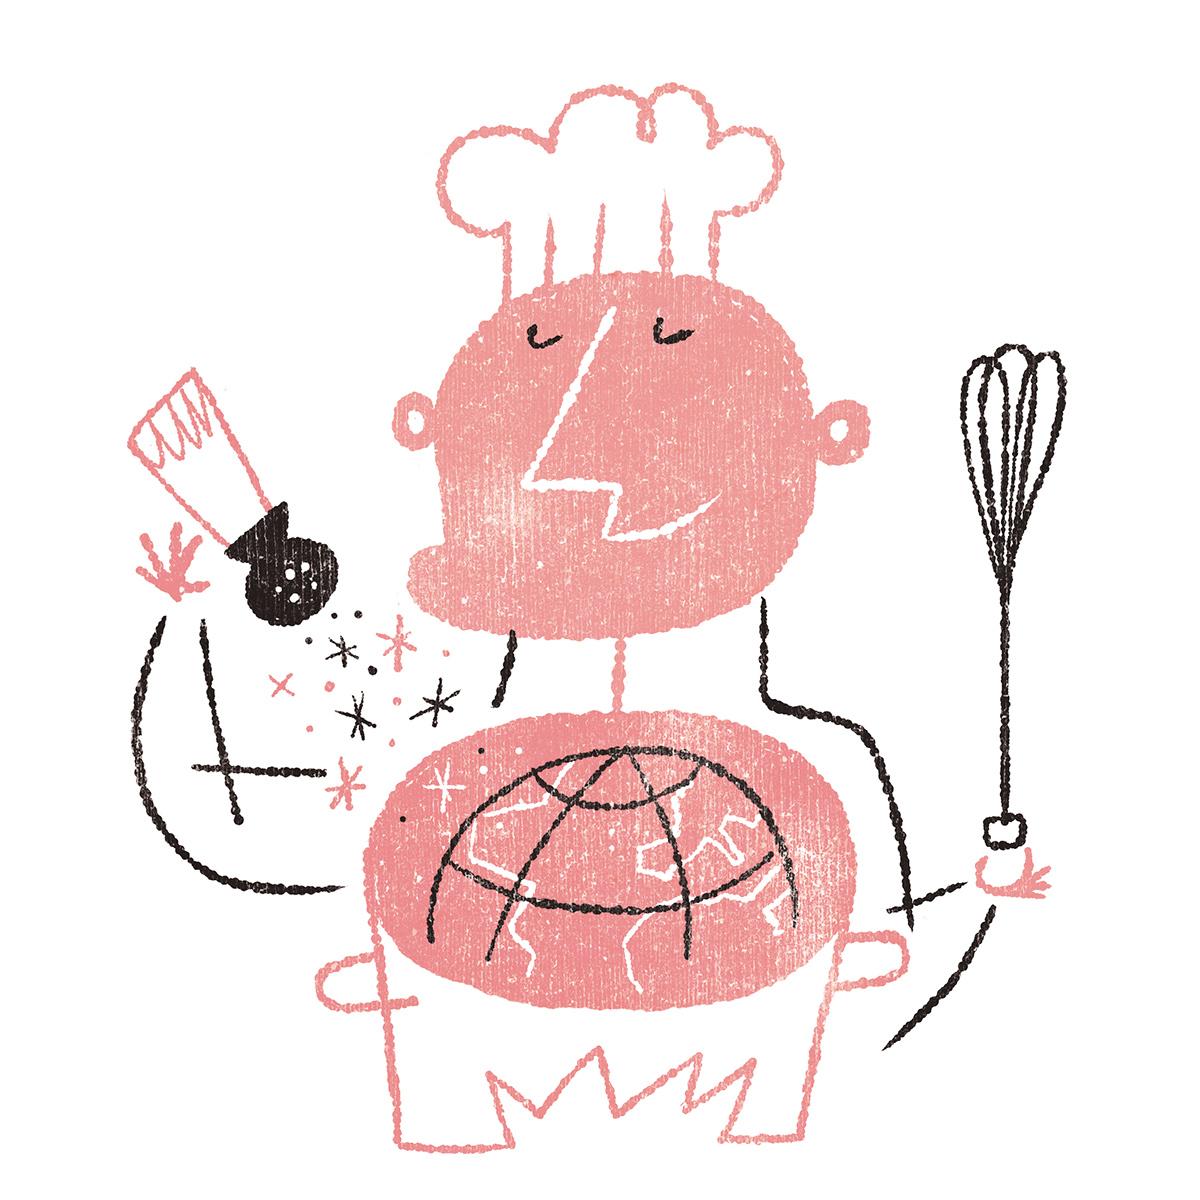 gastro restaurants gourmet wine chef cocina del hambre magazines revistas editorial gentleman kitchen Food  inspire Editorial Illustration